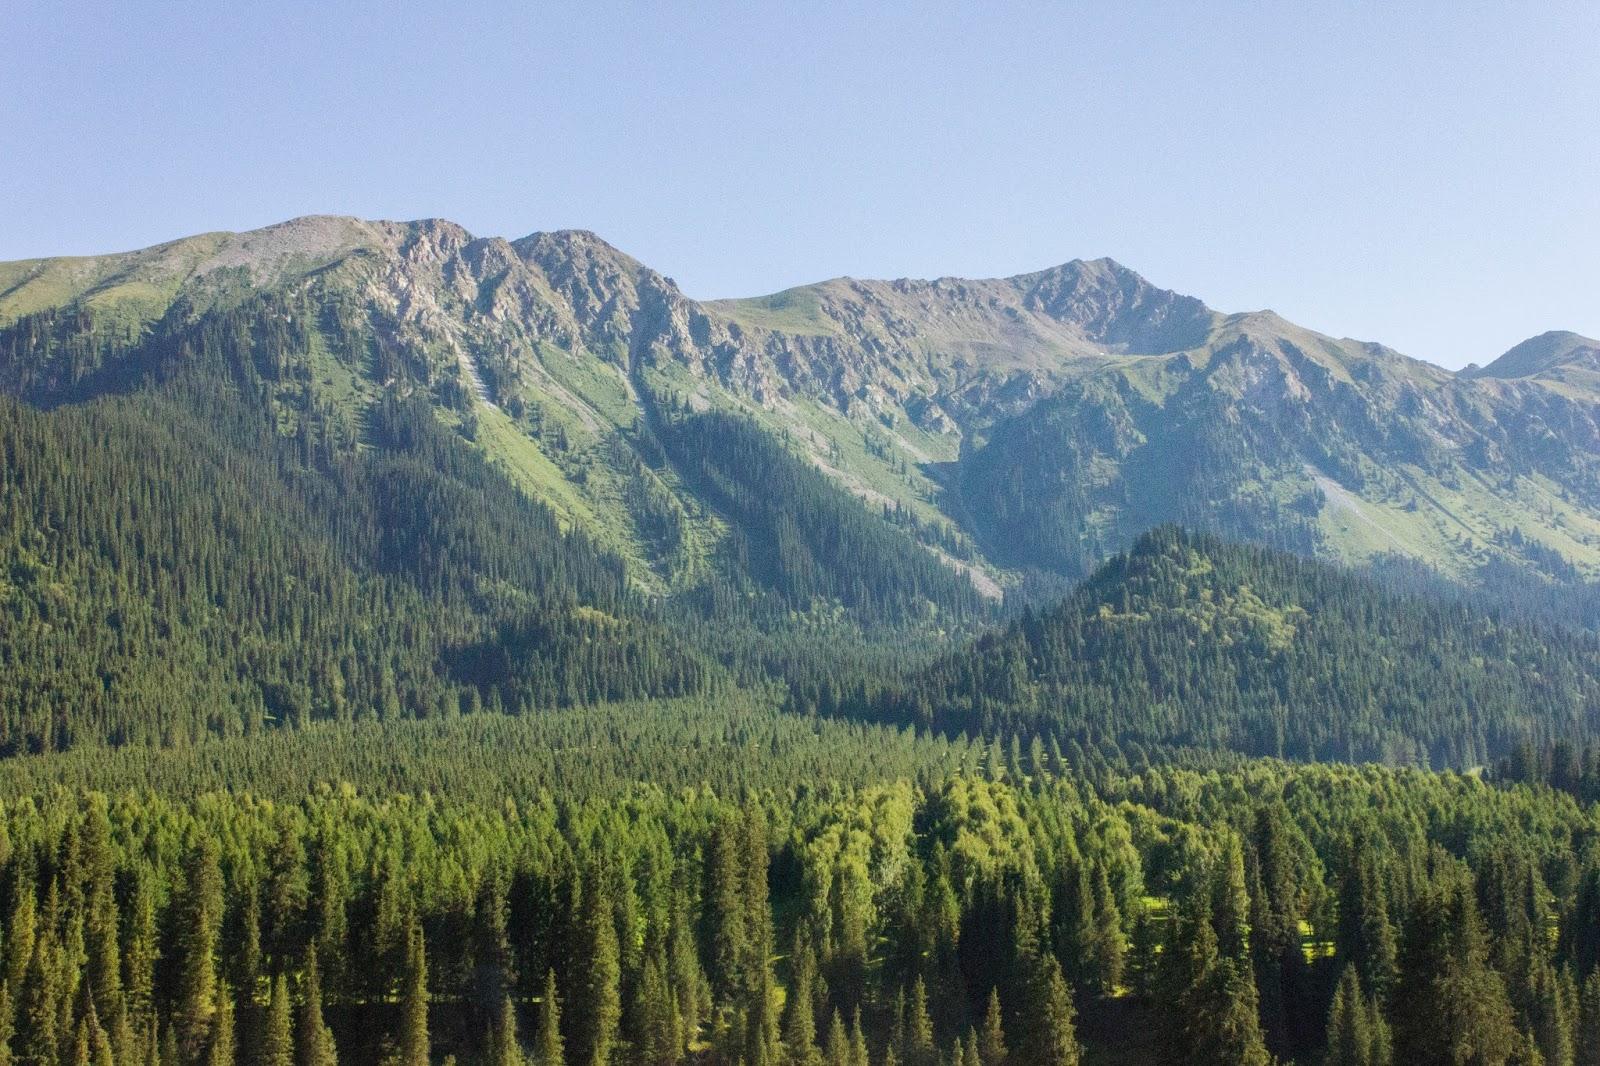 Кыргызстан, Джеты-Огуз, Иссык-Куль, голубые ели